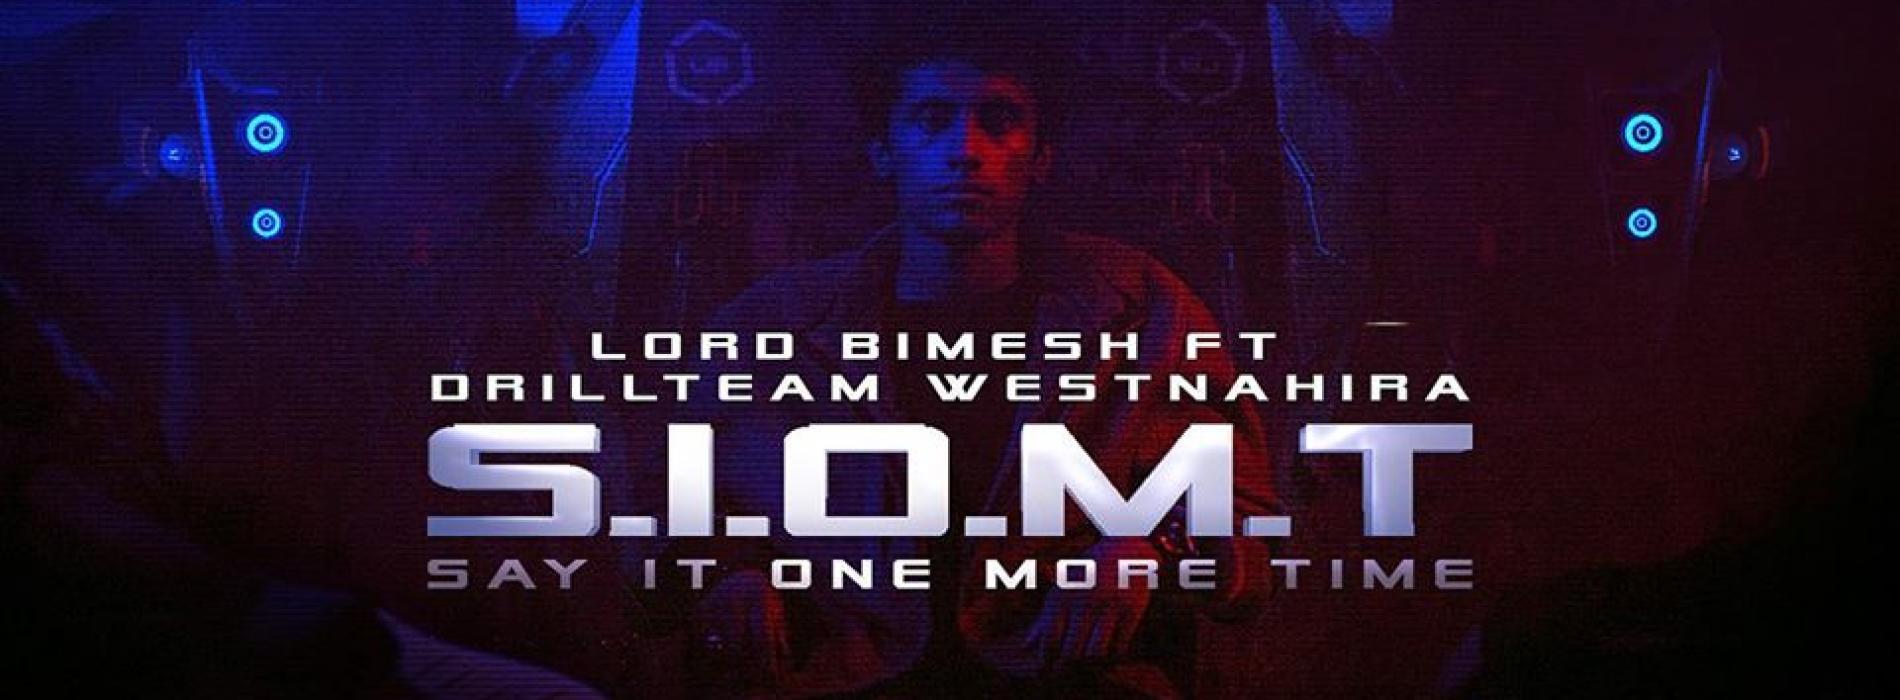 Say It One More Time (S.I.O.M.T) – Lord Bimesh ft Drill Team Westනාහිර | Charitha Attalage